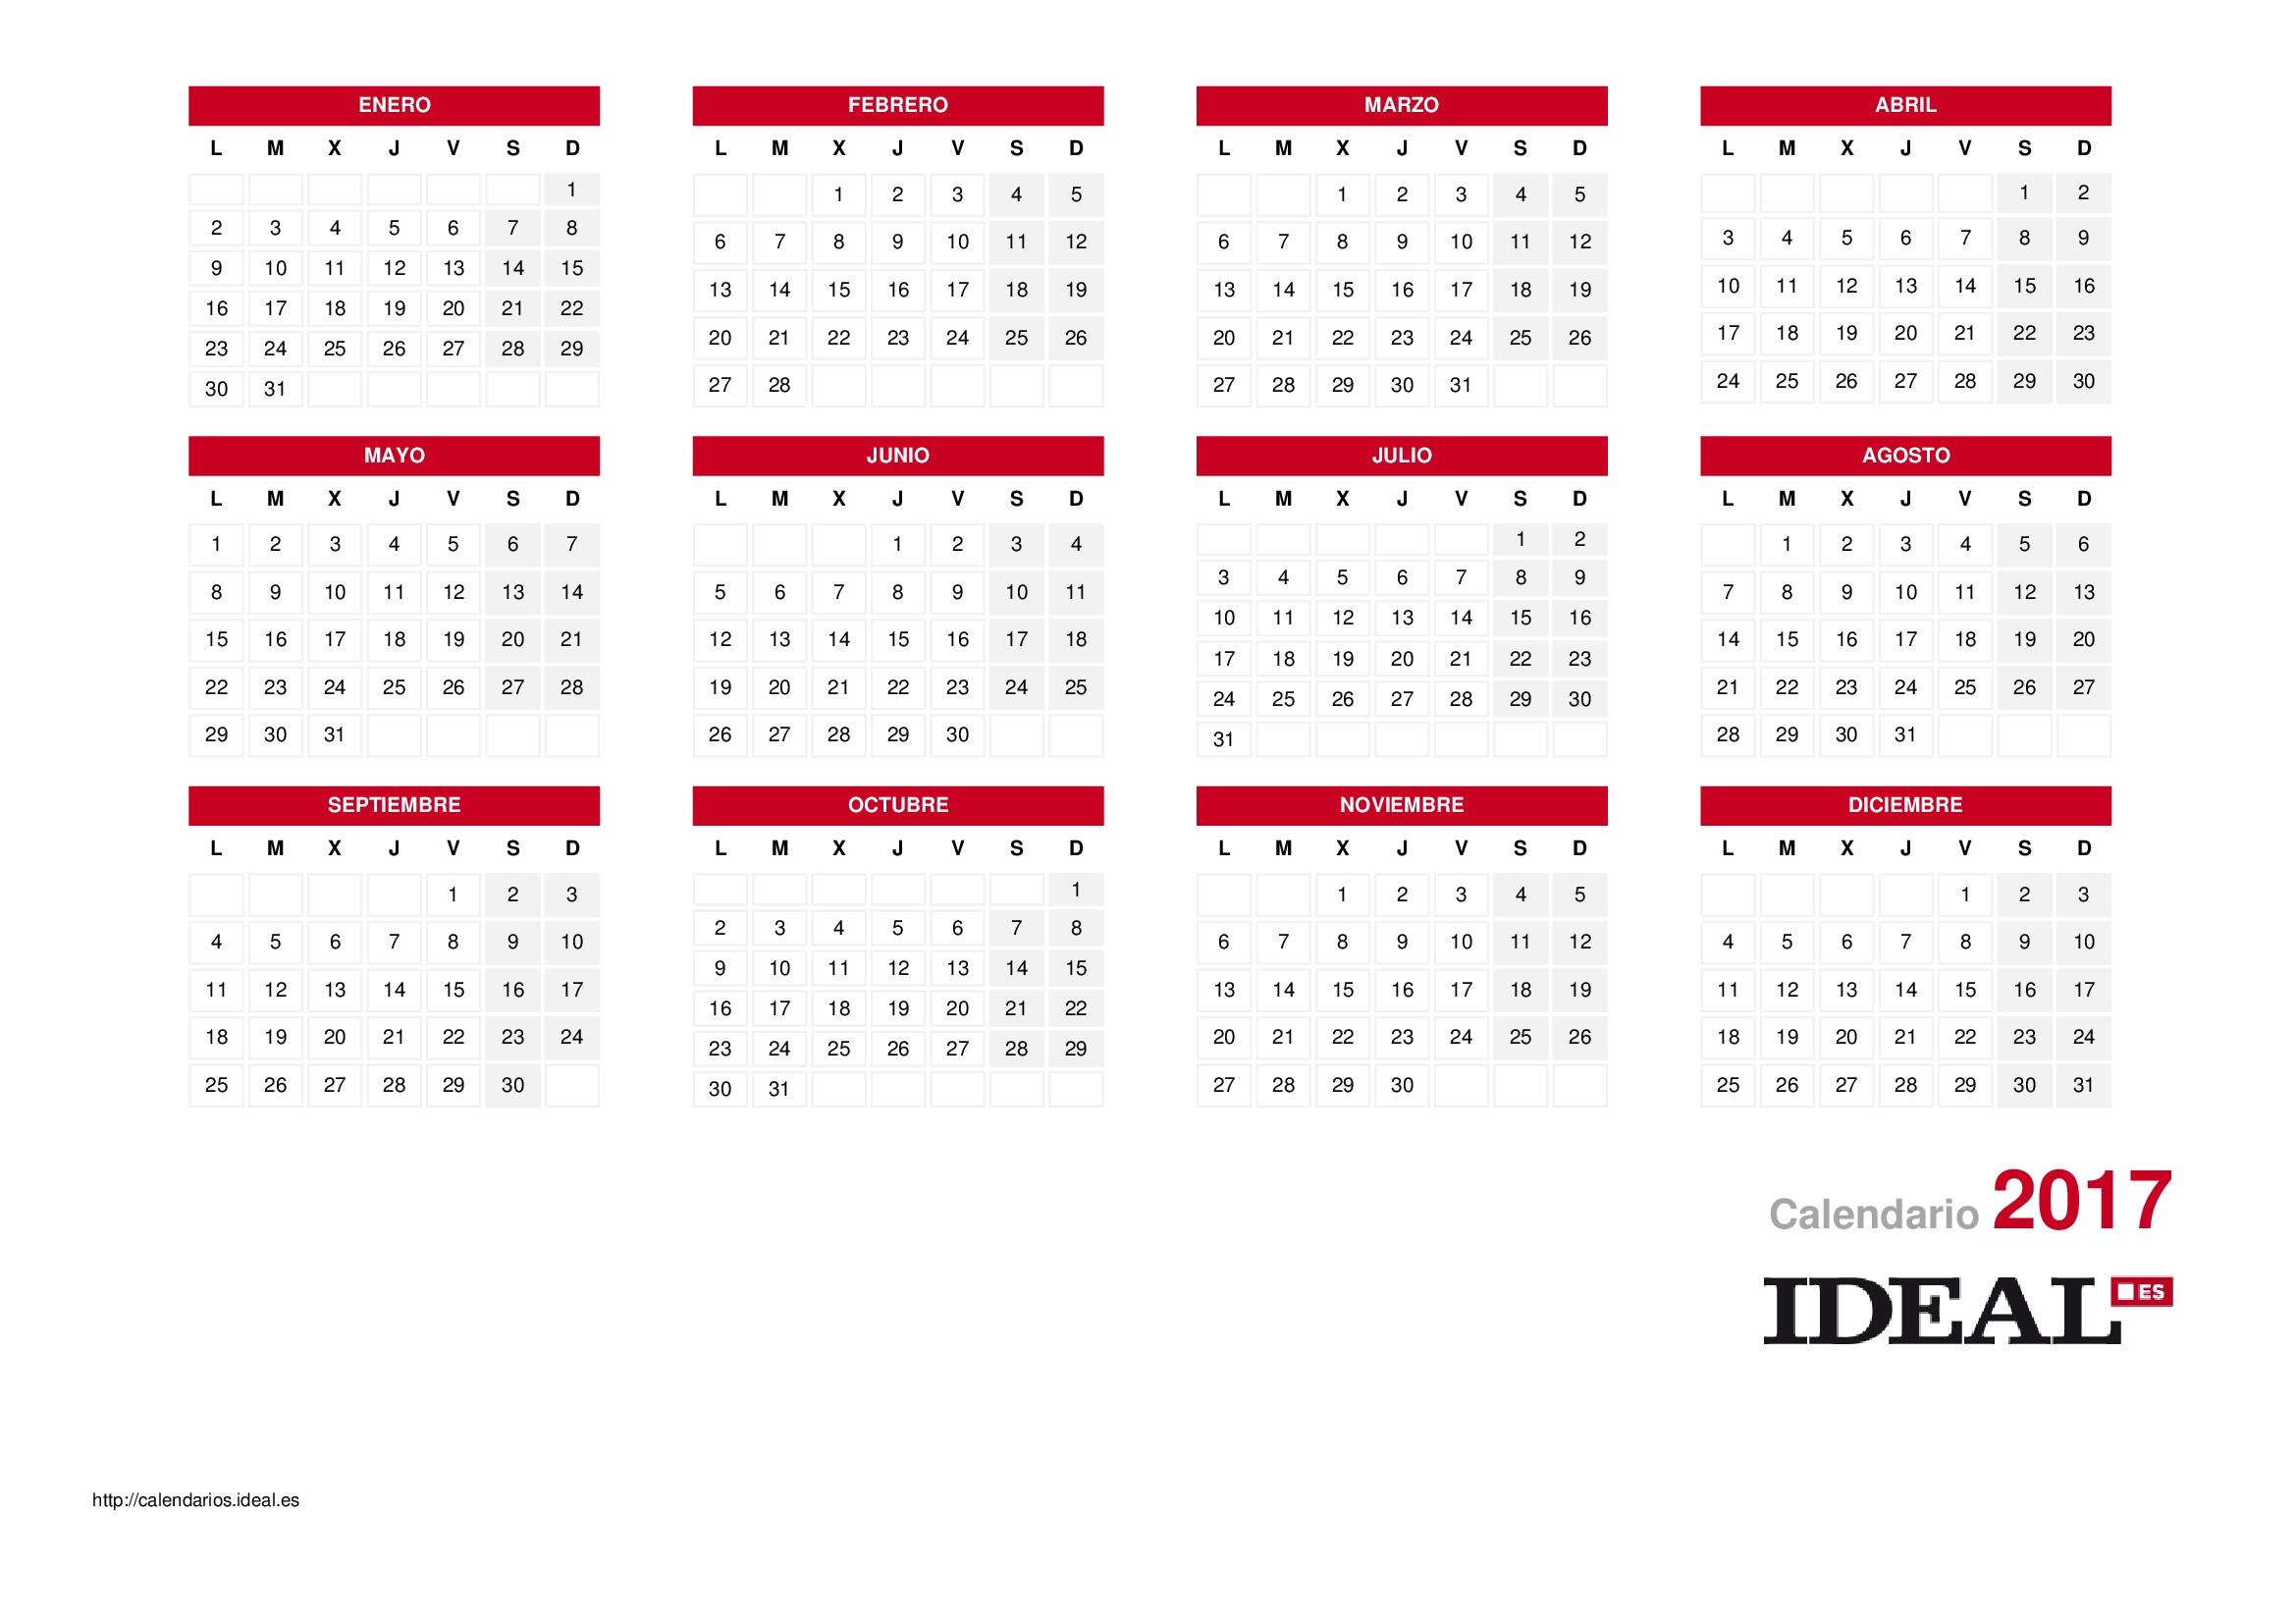 Calendario Abril 2019 Para Imprimir Excel Más Recientemente Liberado Calendario Laboral De 2018 Calendarios Ideal Das Festivos Of Calendario Abril 2019 Para Imprimir Excel Más Populares Calendario Para Imprimir 2018 2019 Адвент каРендарь